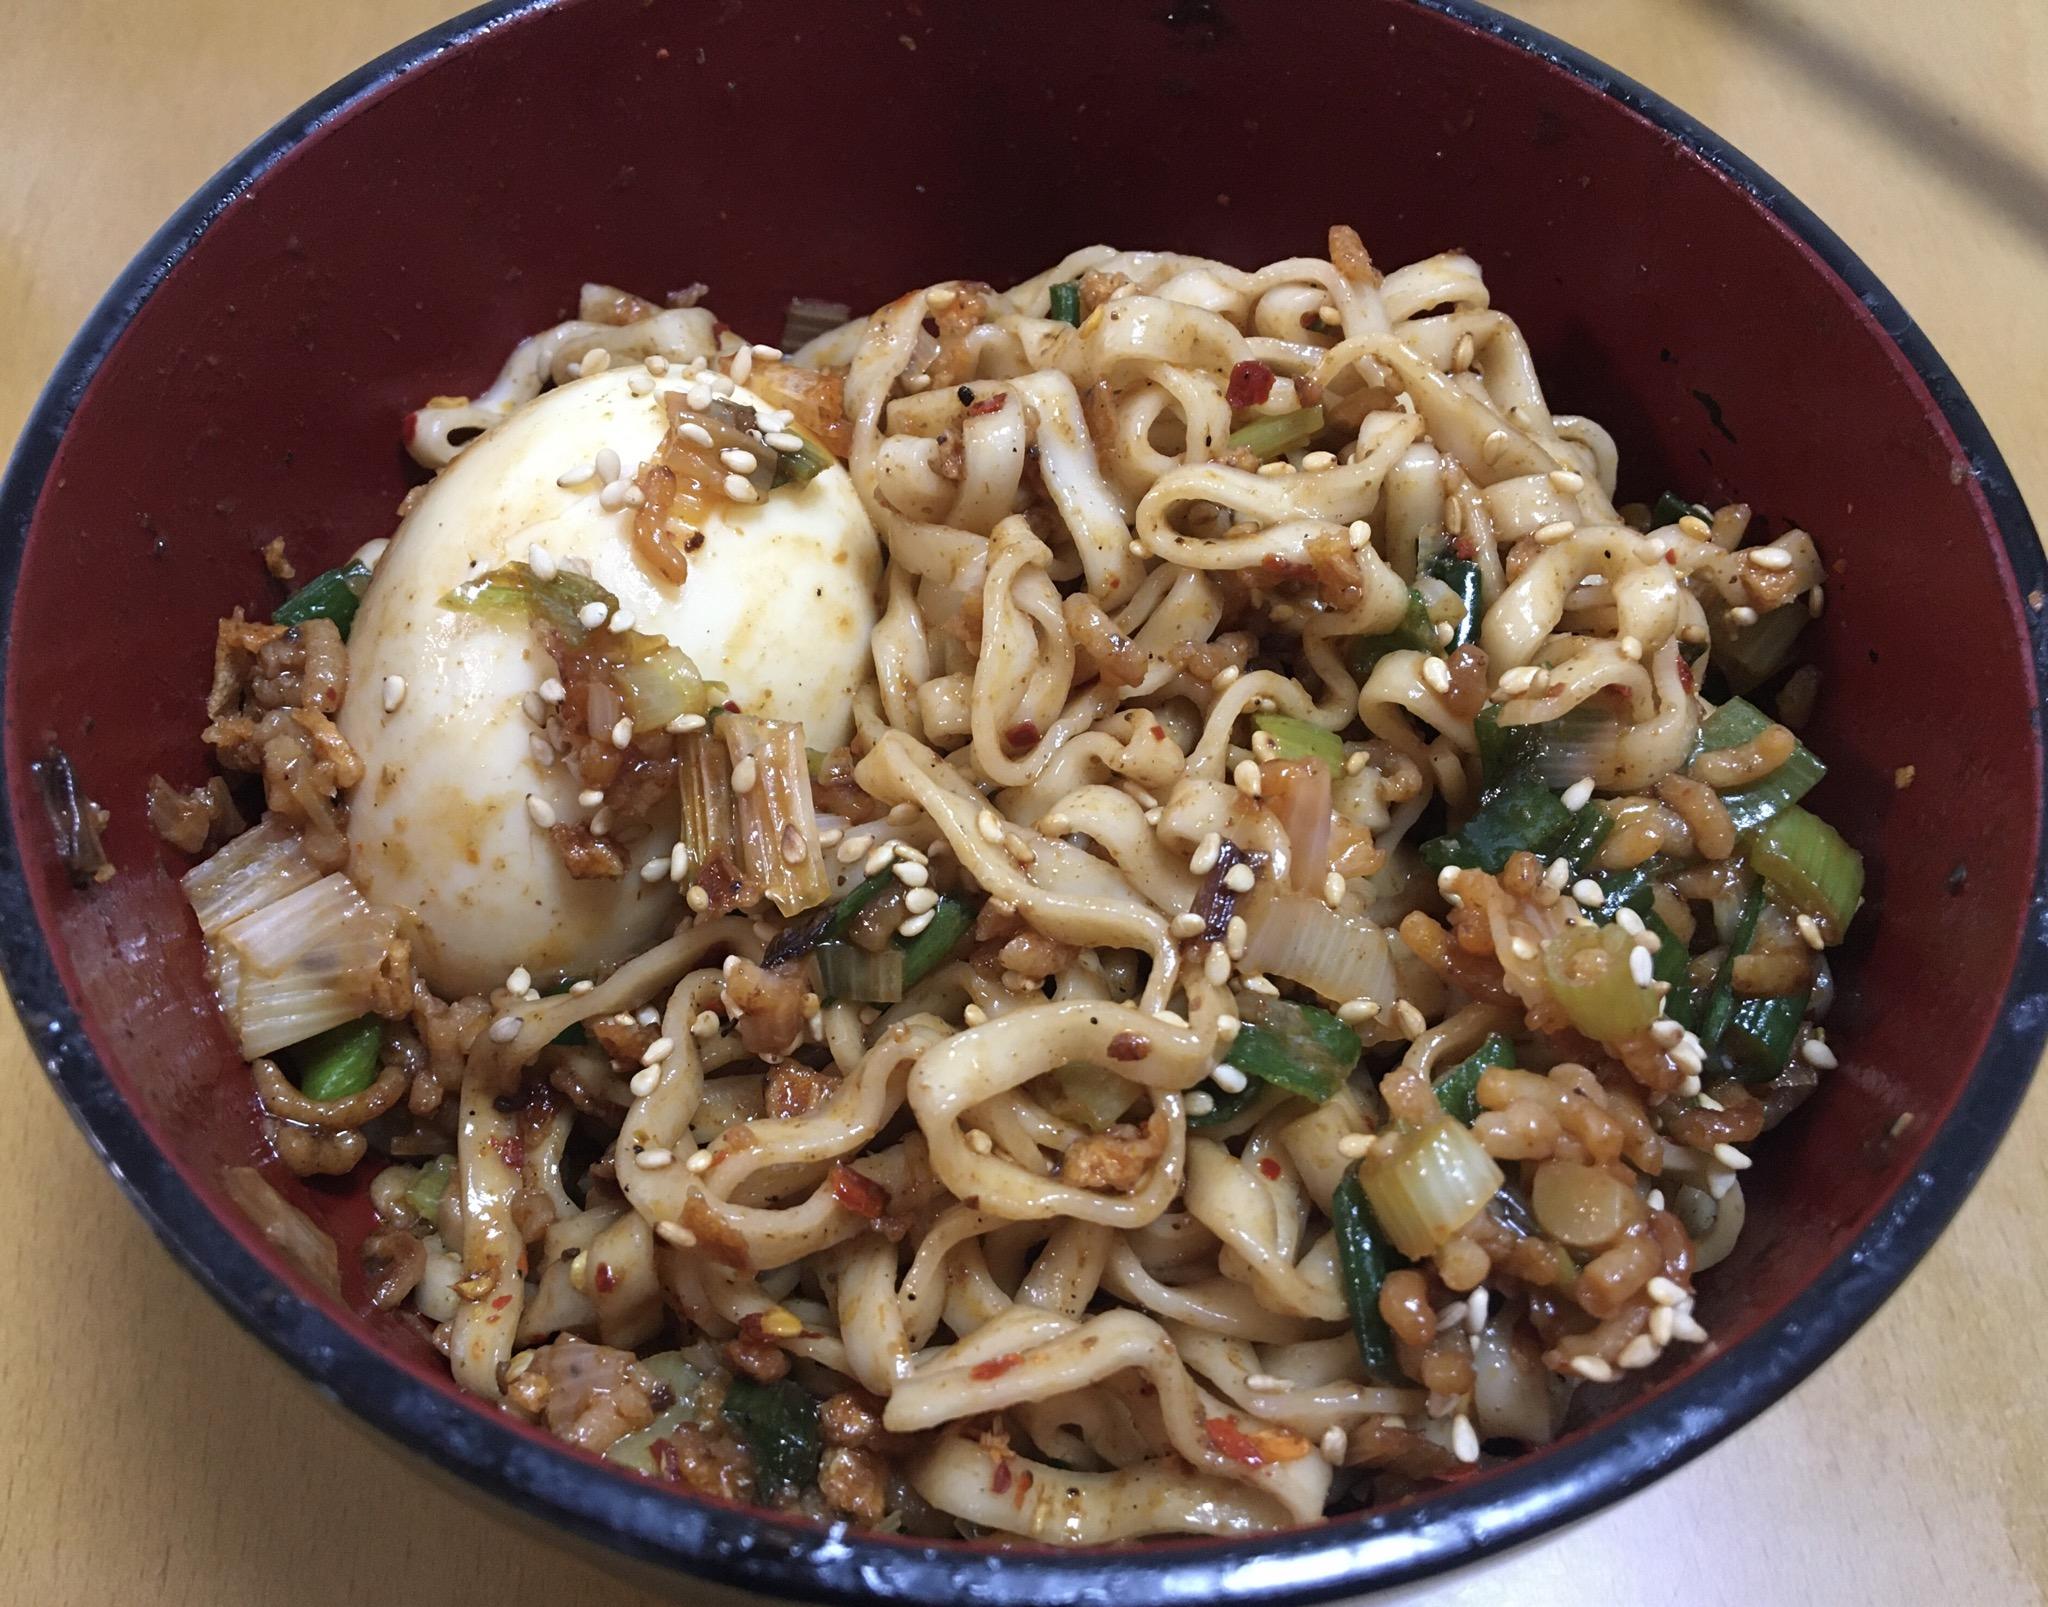 【画像】夕飯にまぜそば作ったwwwwwwwwwww